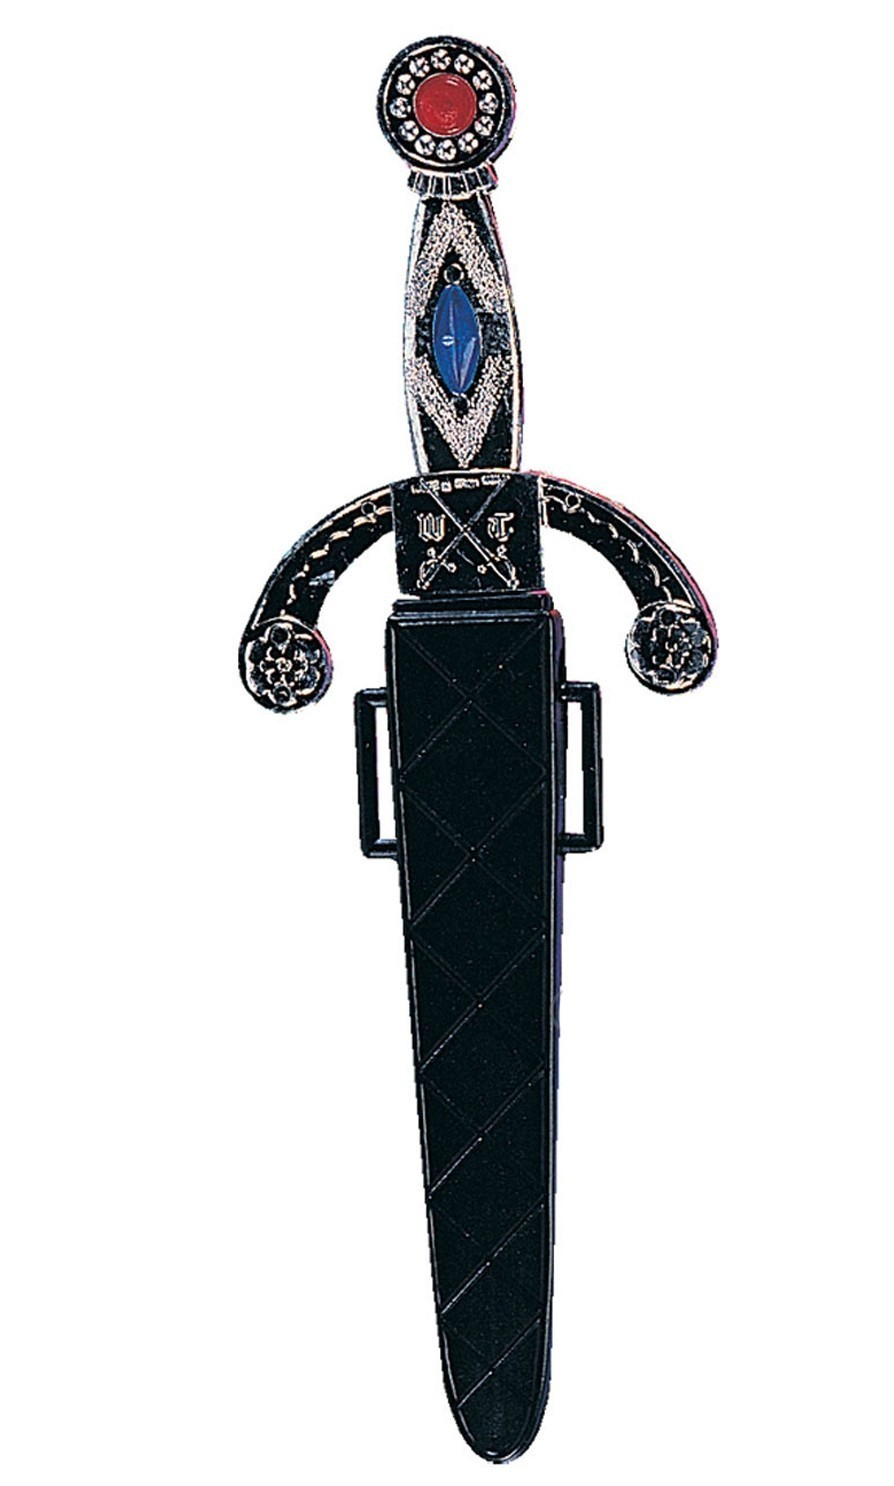 Кинжал 16-го века серебристый (46) - Исторические костюмы, р.46